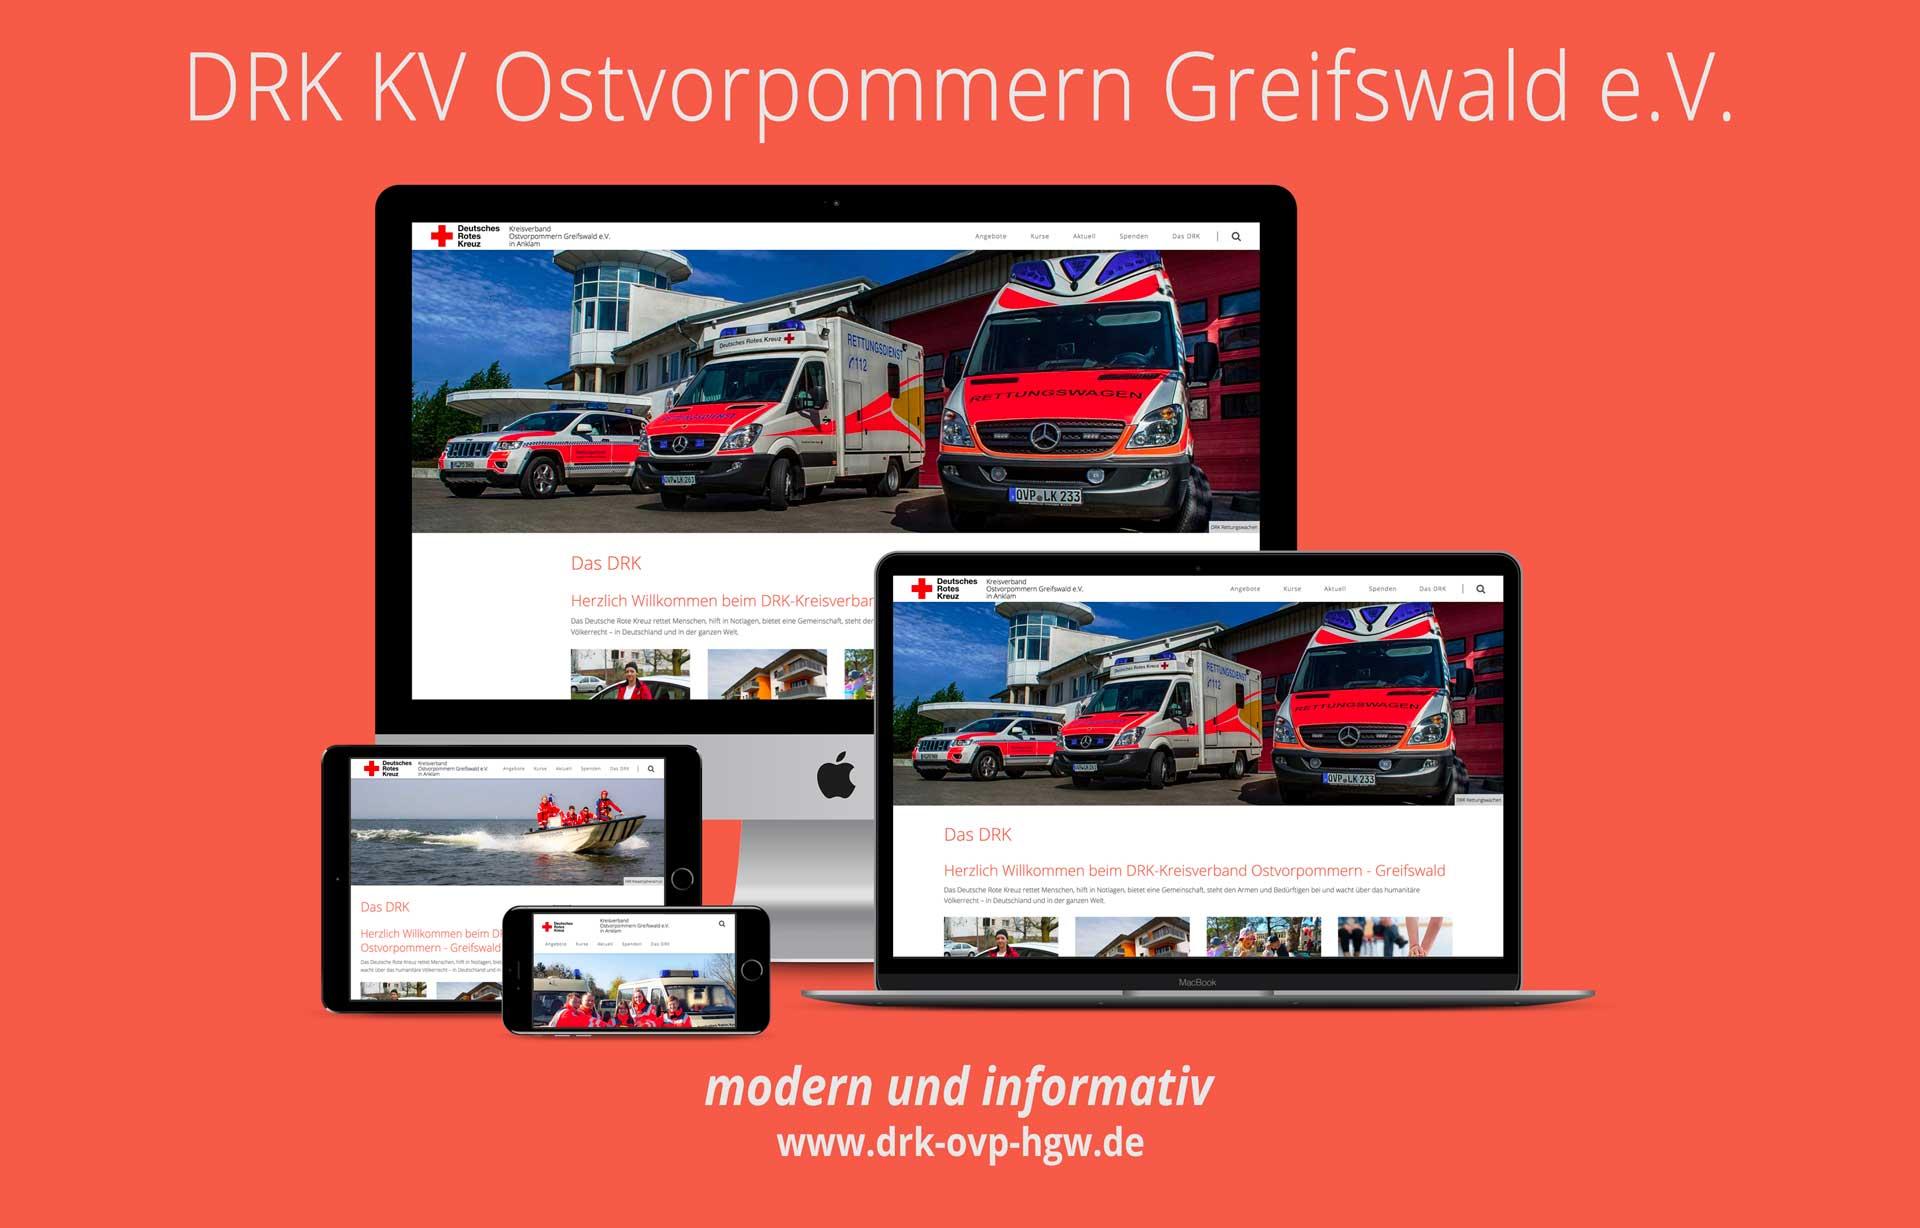 DRK KV OVP HGW Webseite